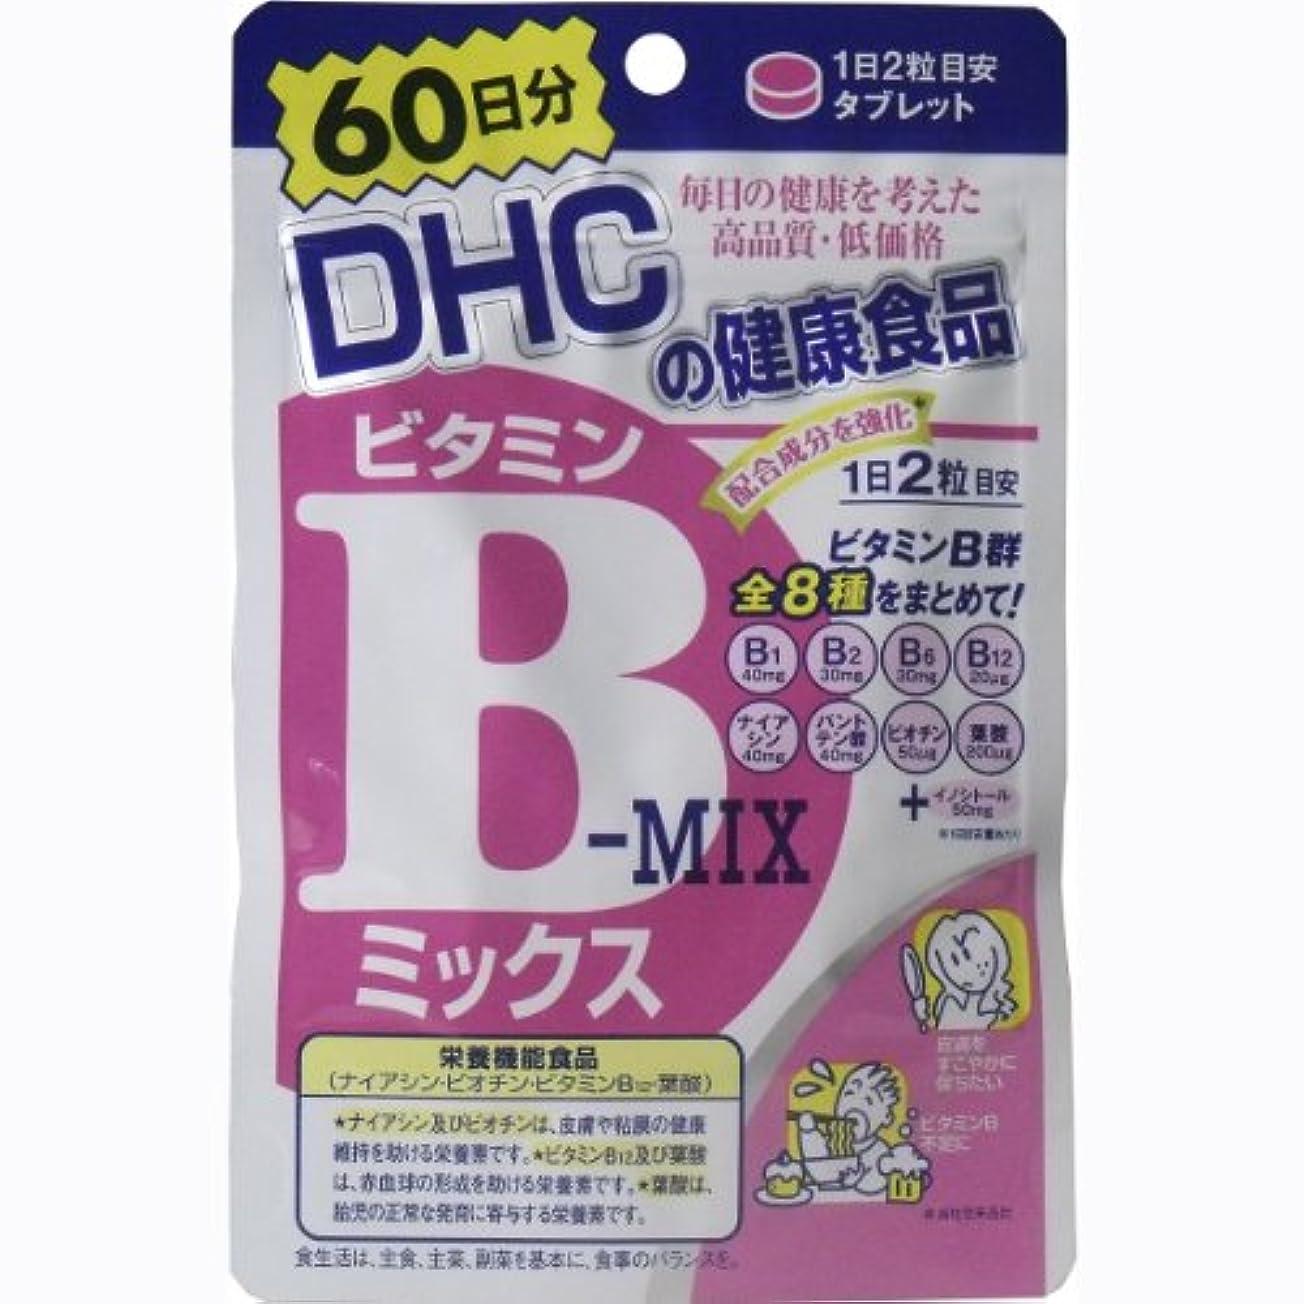 顔料歌手許されるDHC ビタミンBミックス 120粒 60日分「5点セット」